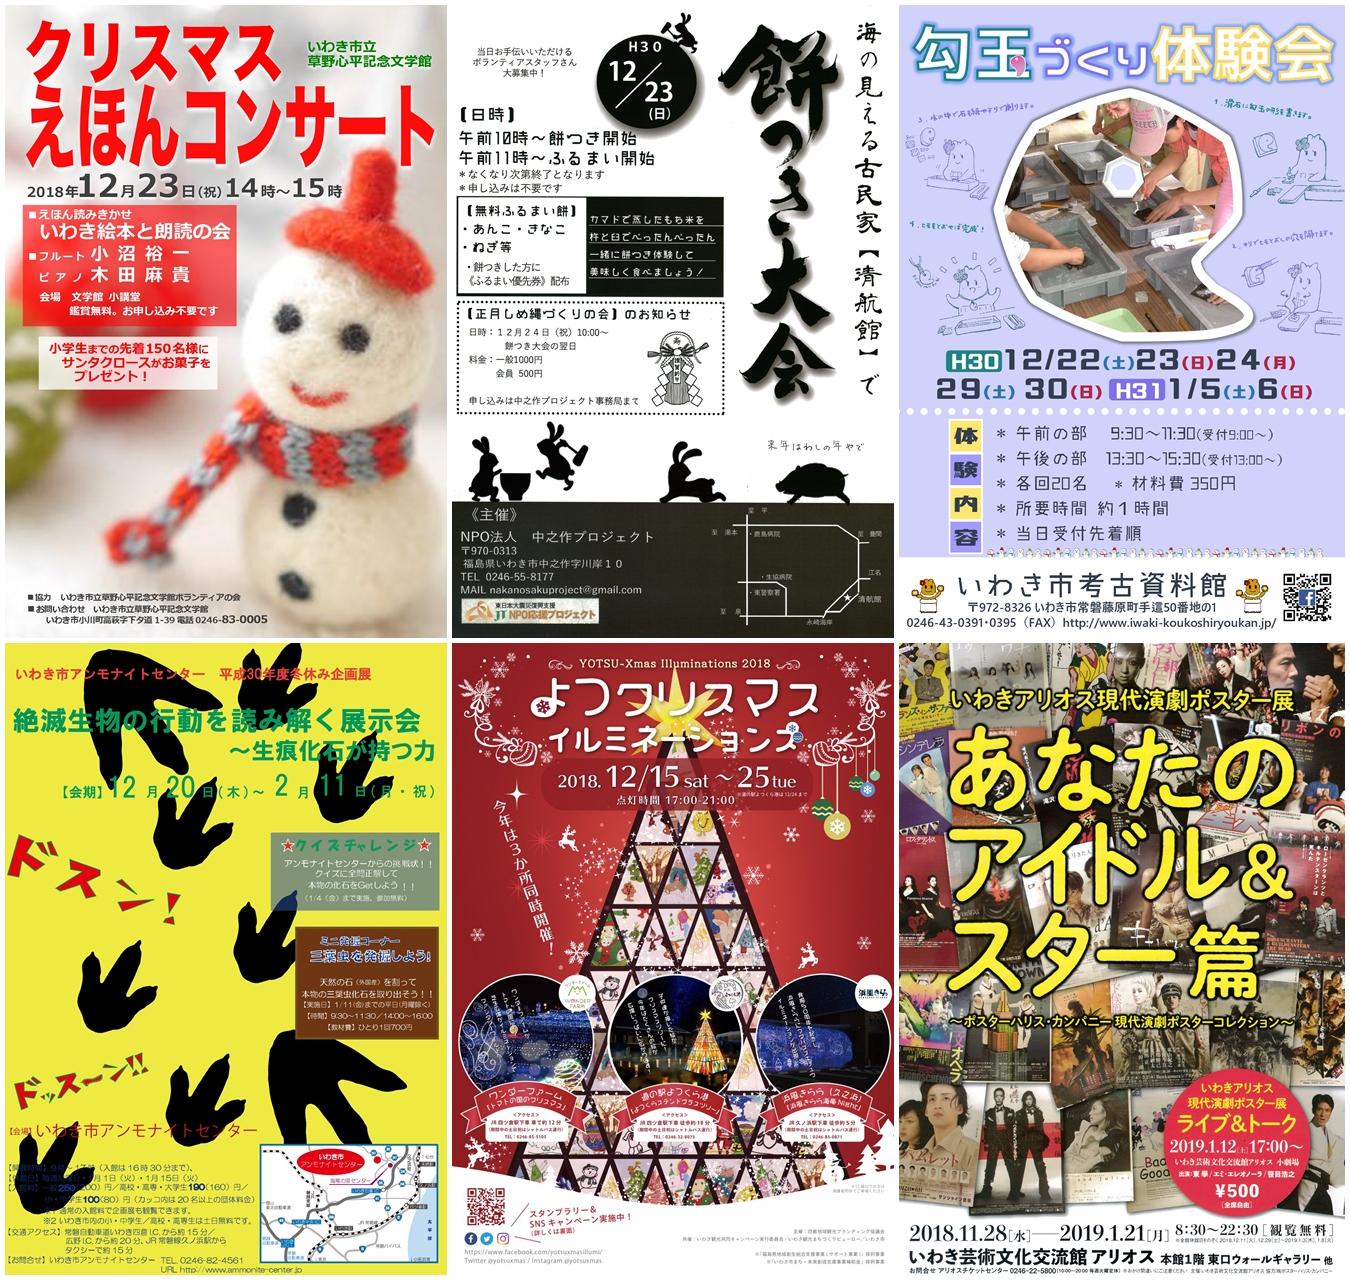 週末イベント情報 [平成30年12月19日(水)更新]